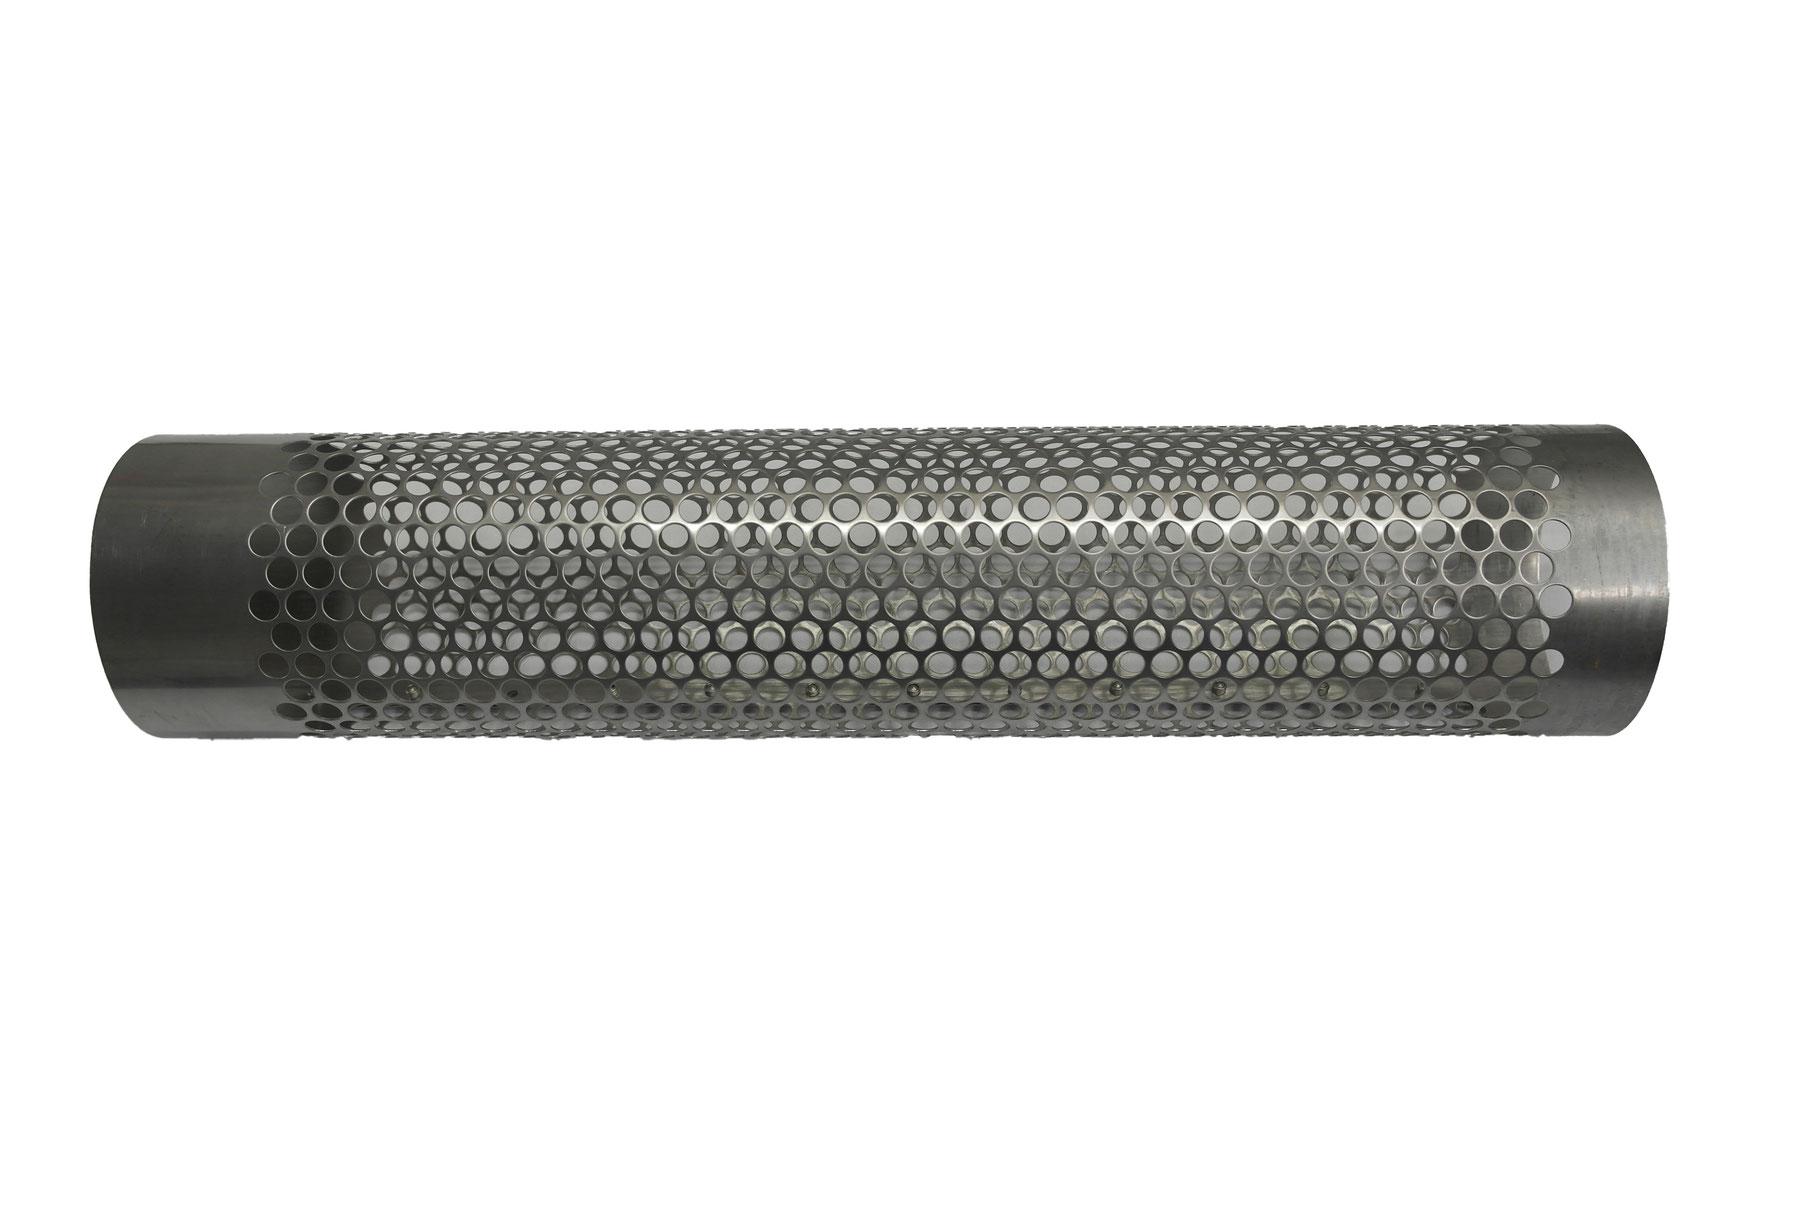 siebrohr f r 110er kg rohr dn 100 filter und filterzubeh r f r ihren teich. Black Bedroom Furniture Sets. Home Design Ideas